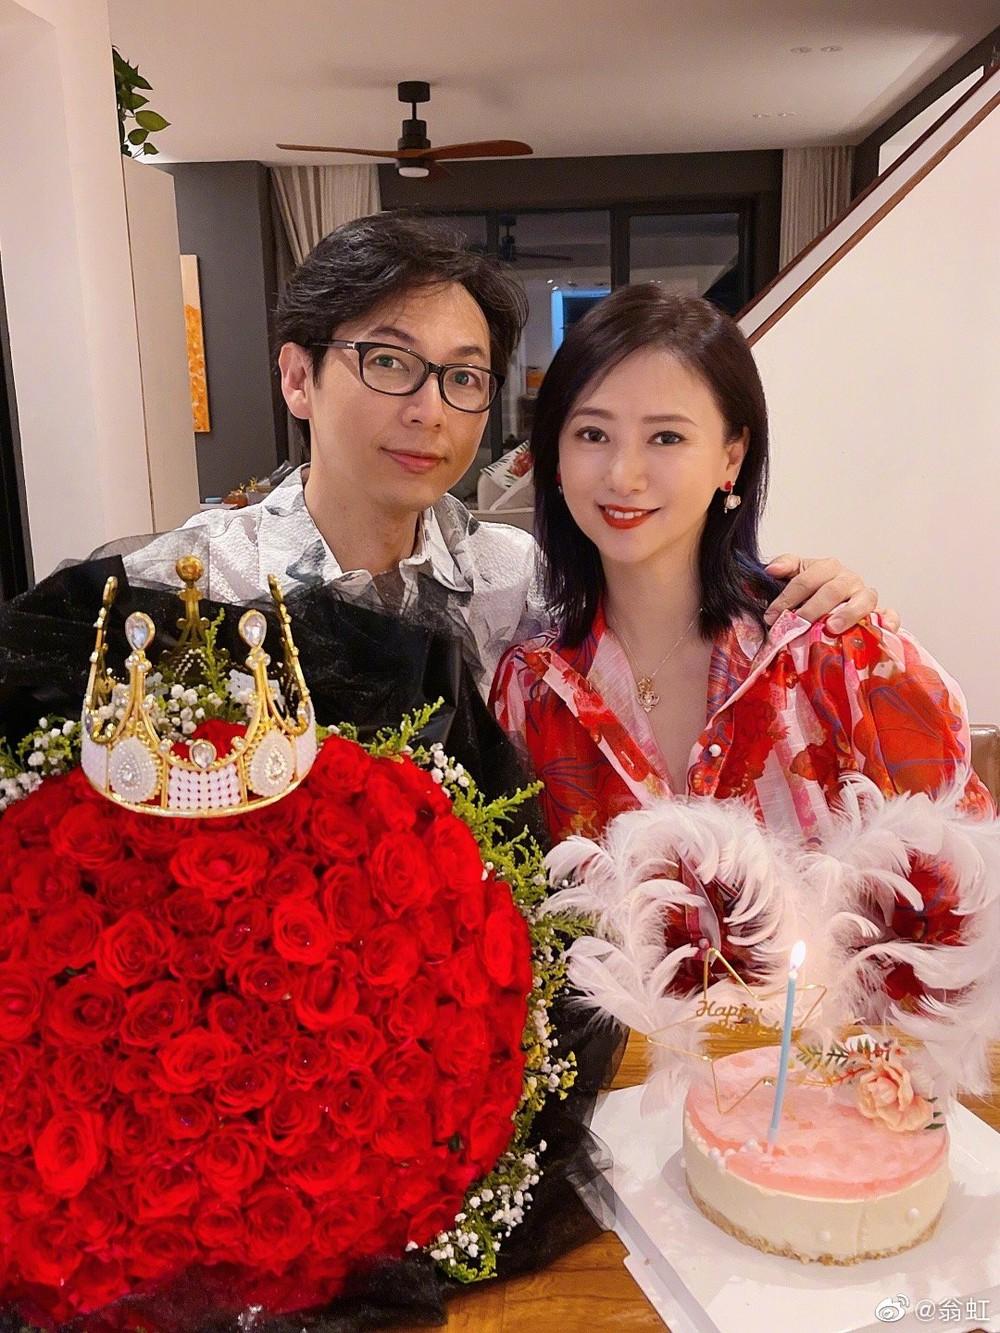 Nữ hoàng phim 18+: Bị Cổ Thiên Lạc si mê theo đuổi, gọi điện chửi mắng 20 phút vì không chịu yêu - Ảnh 6.